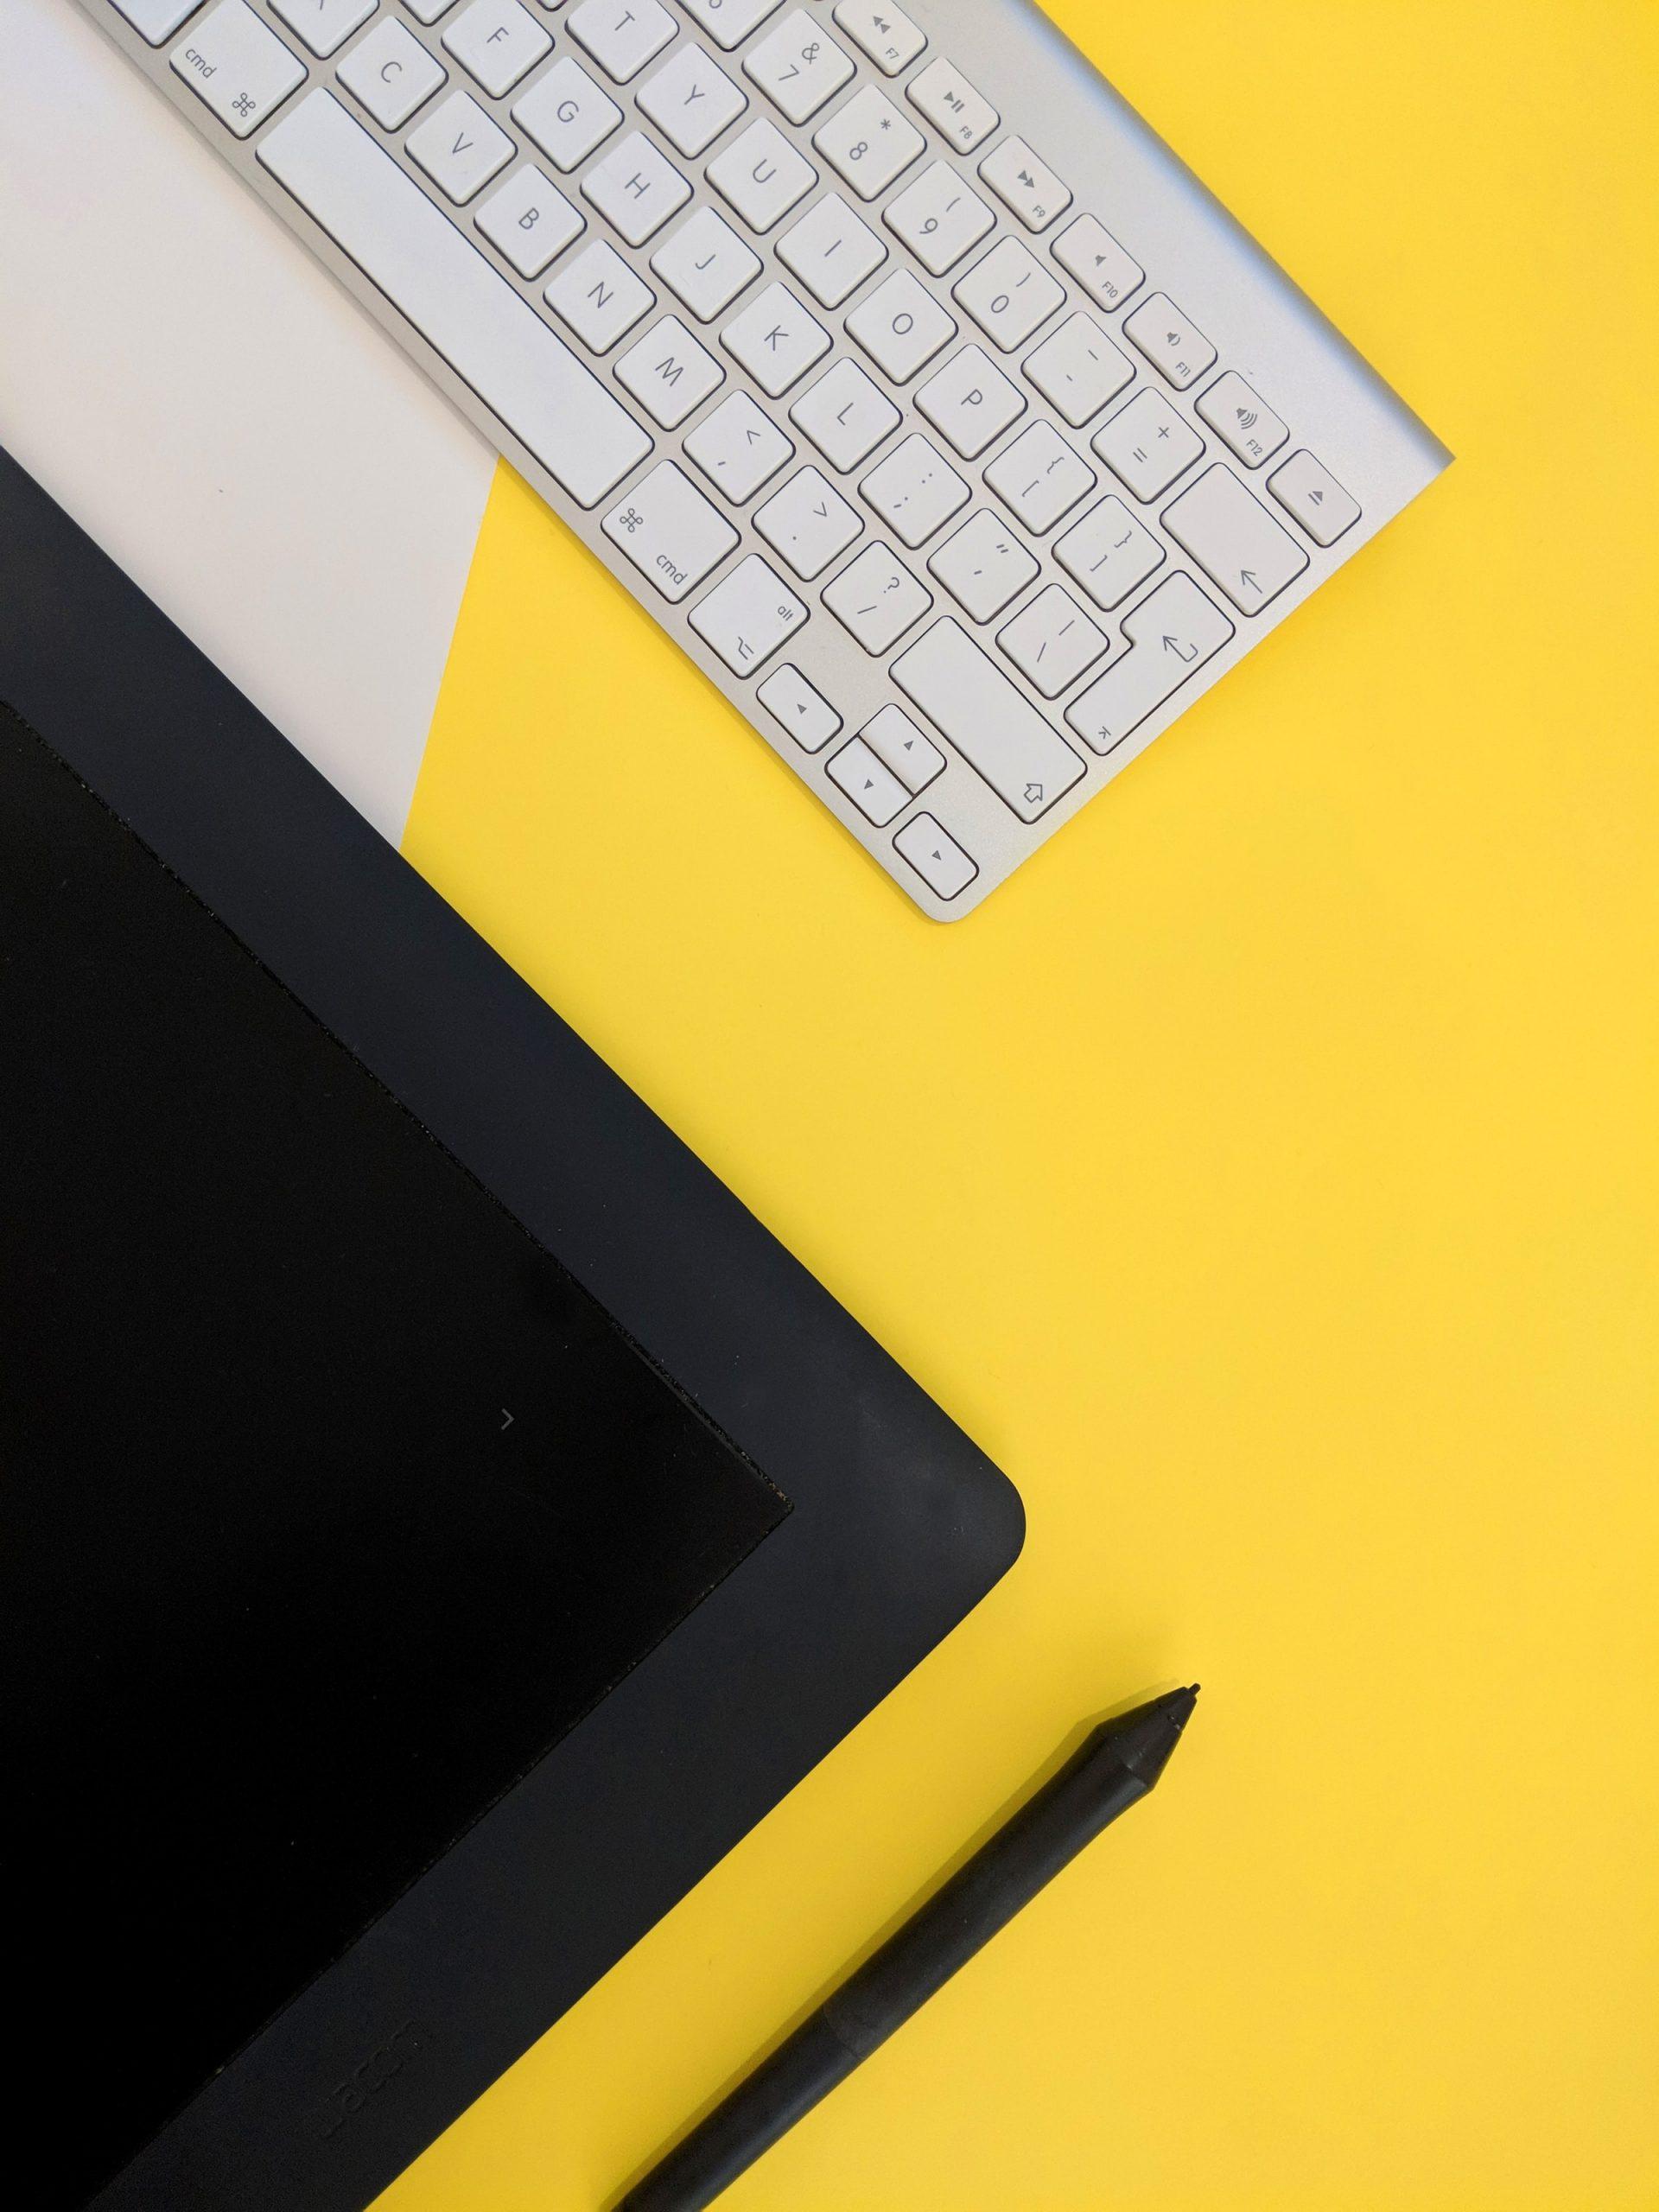 design-graphique-definition-web-ux-marketing-fran%C3%ais-ergonomie-simple-job-georgie-cobbs